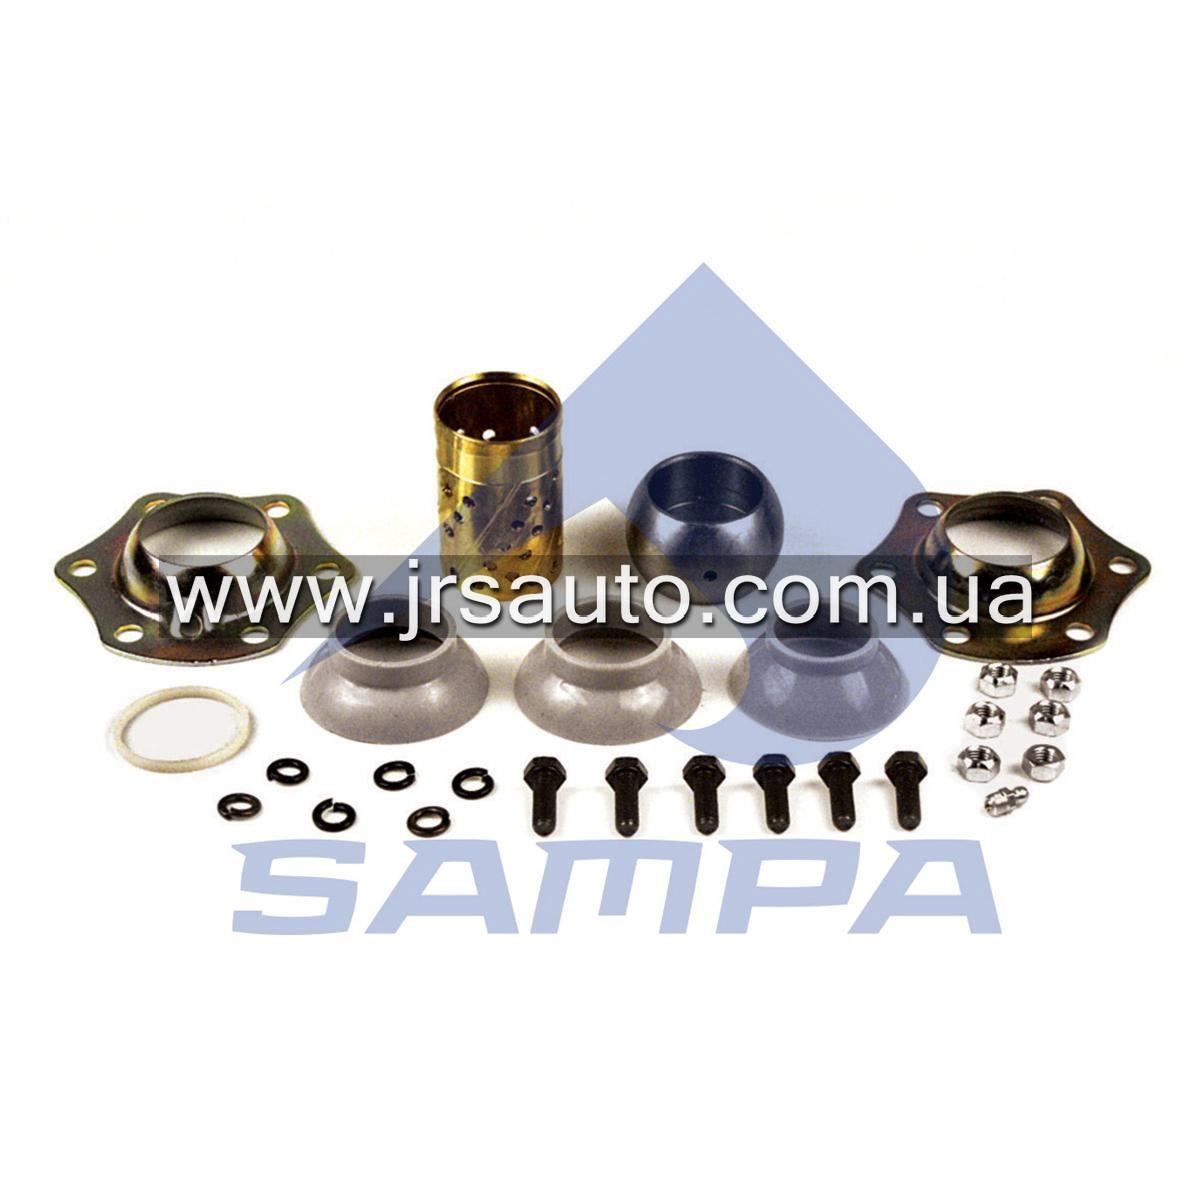 Ремкомплект вала тормозного (с метал.сферой) BPW \070.506